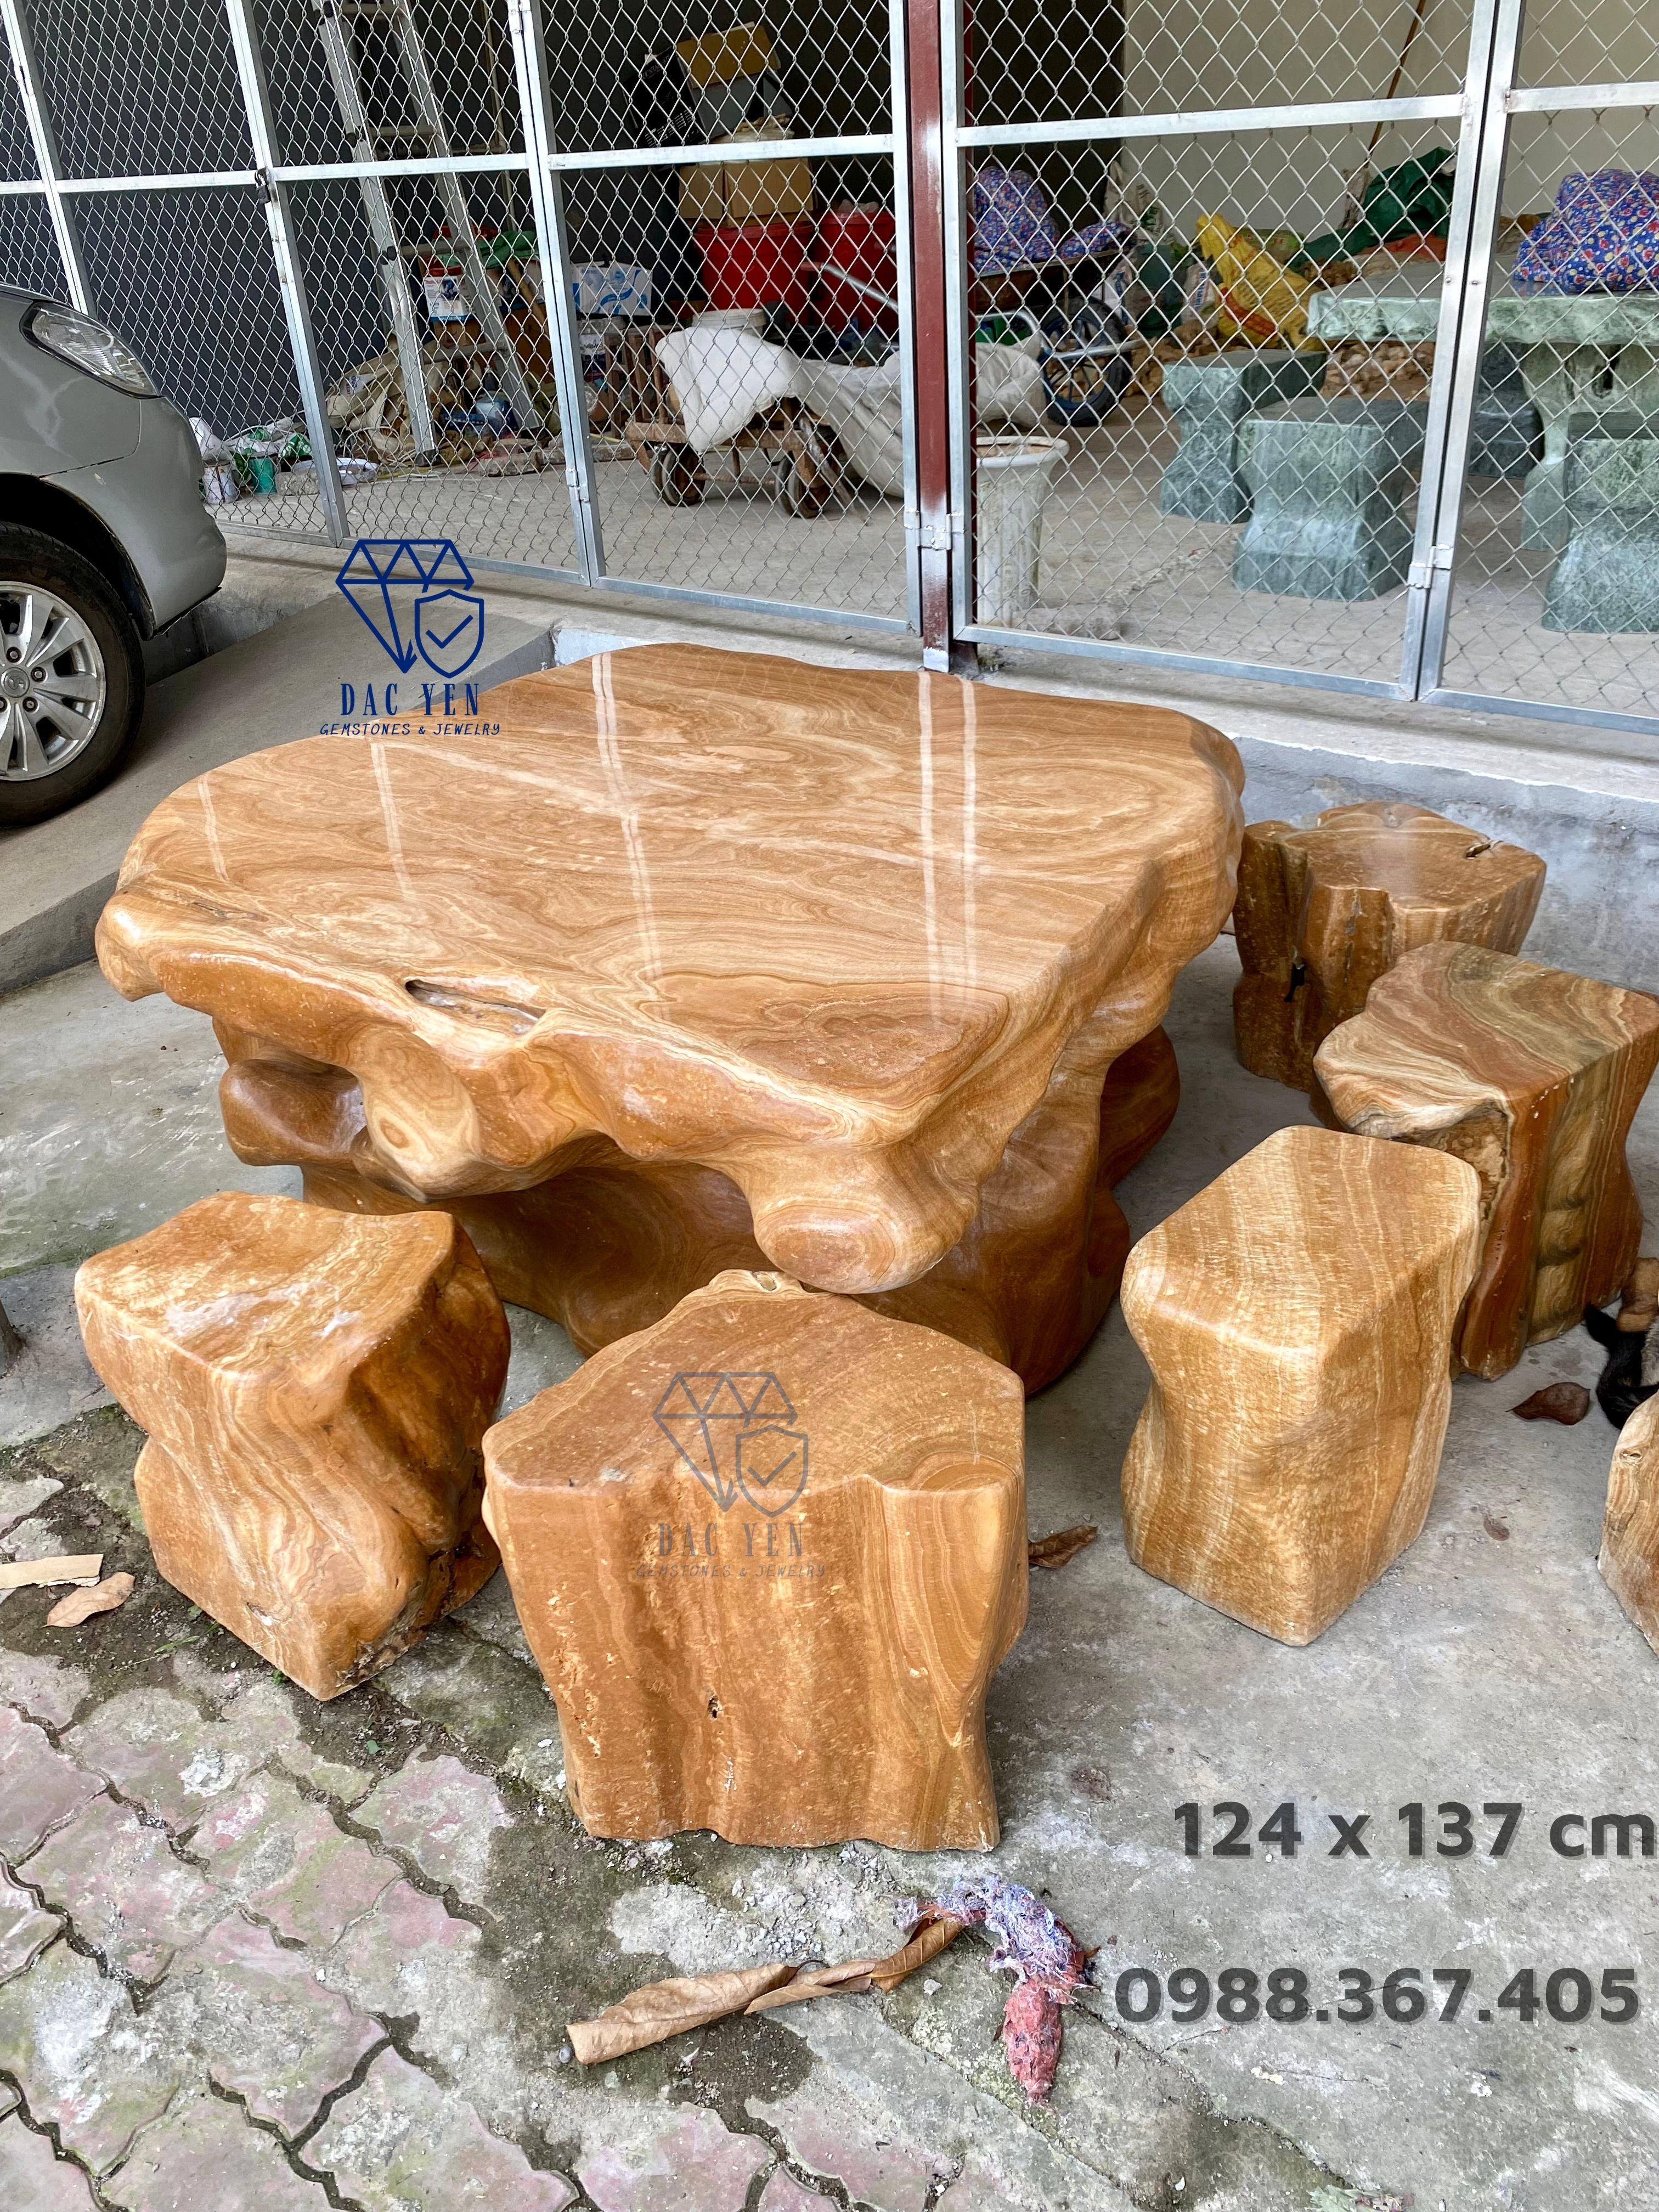 Bàn ghế đá tự nhiên, bàn ghế đá ĐẸP, bàn ghế đá nguyên khối GIÁ RẺ